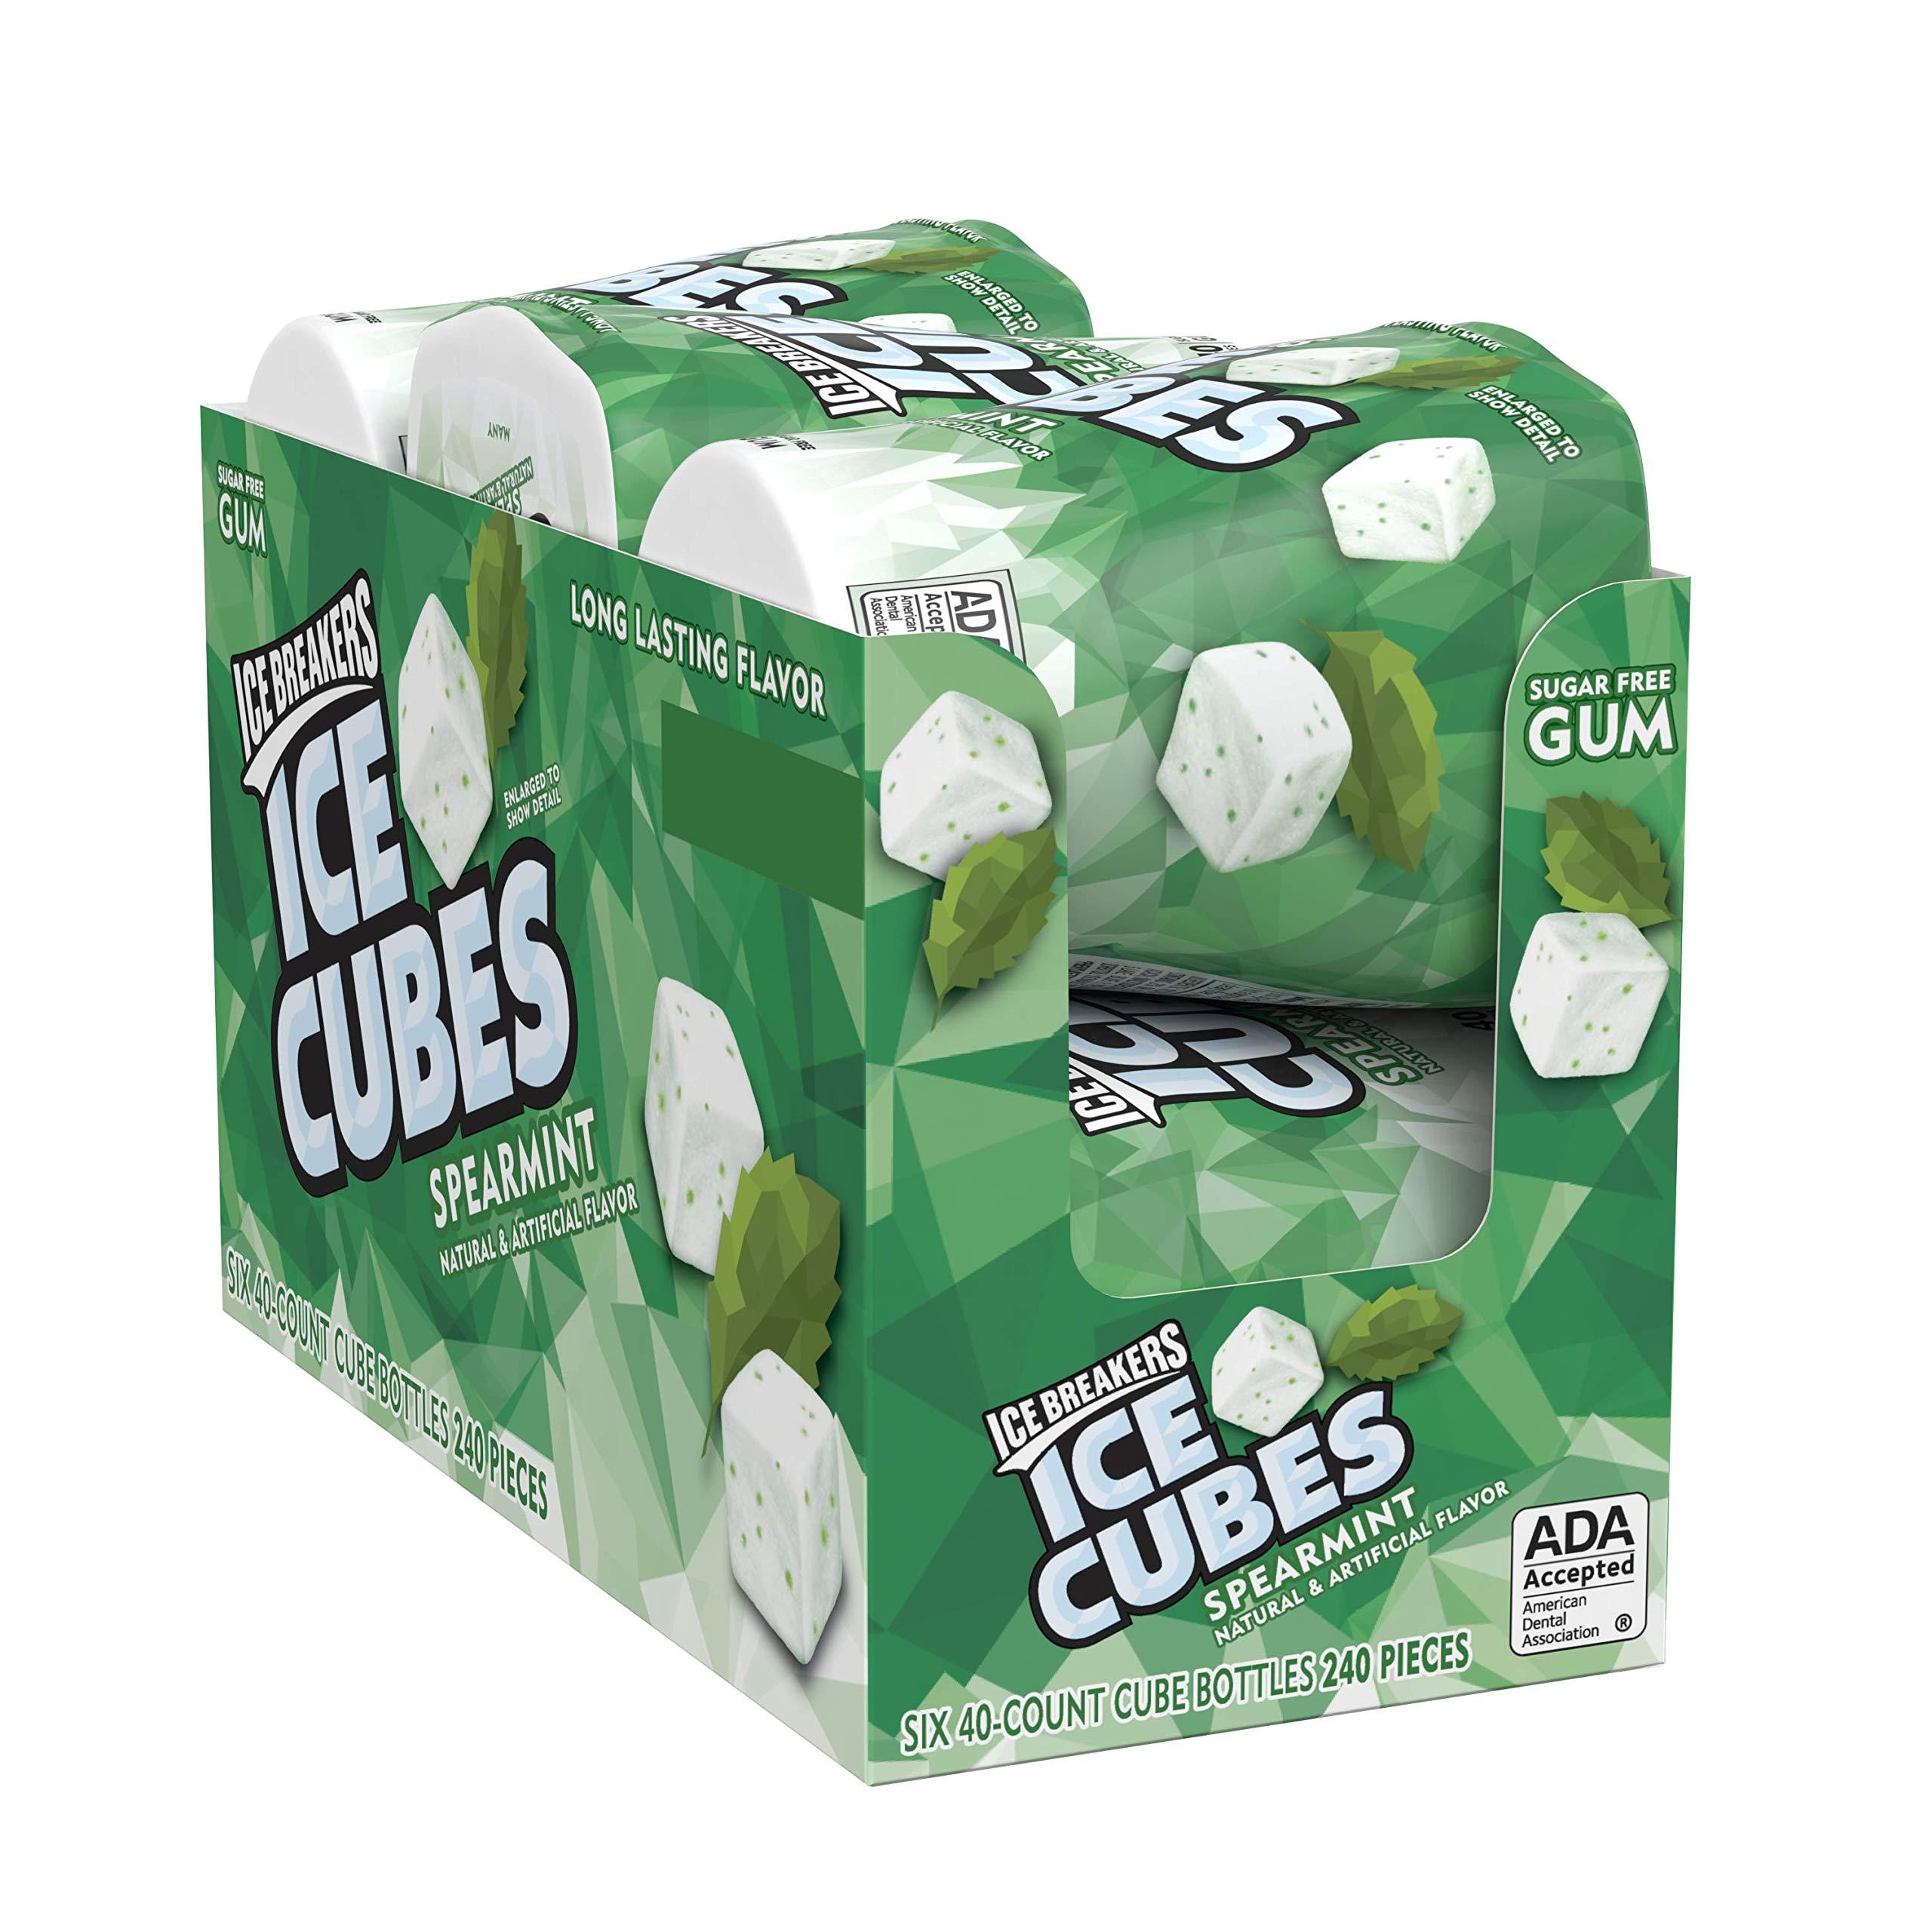 ICE BREAKERS Ice Cubes Sugar Free Gum